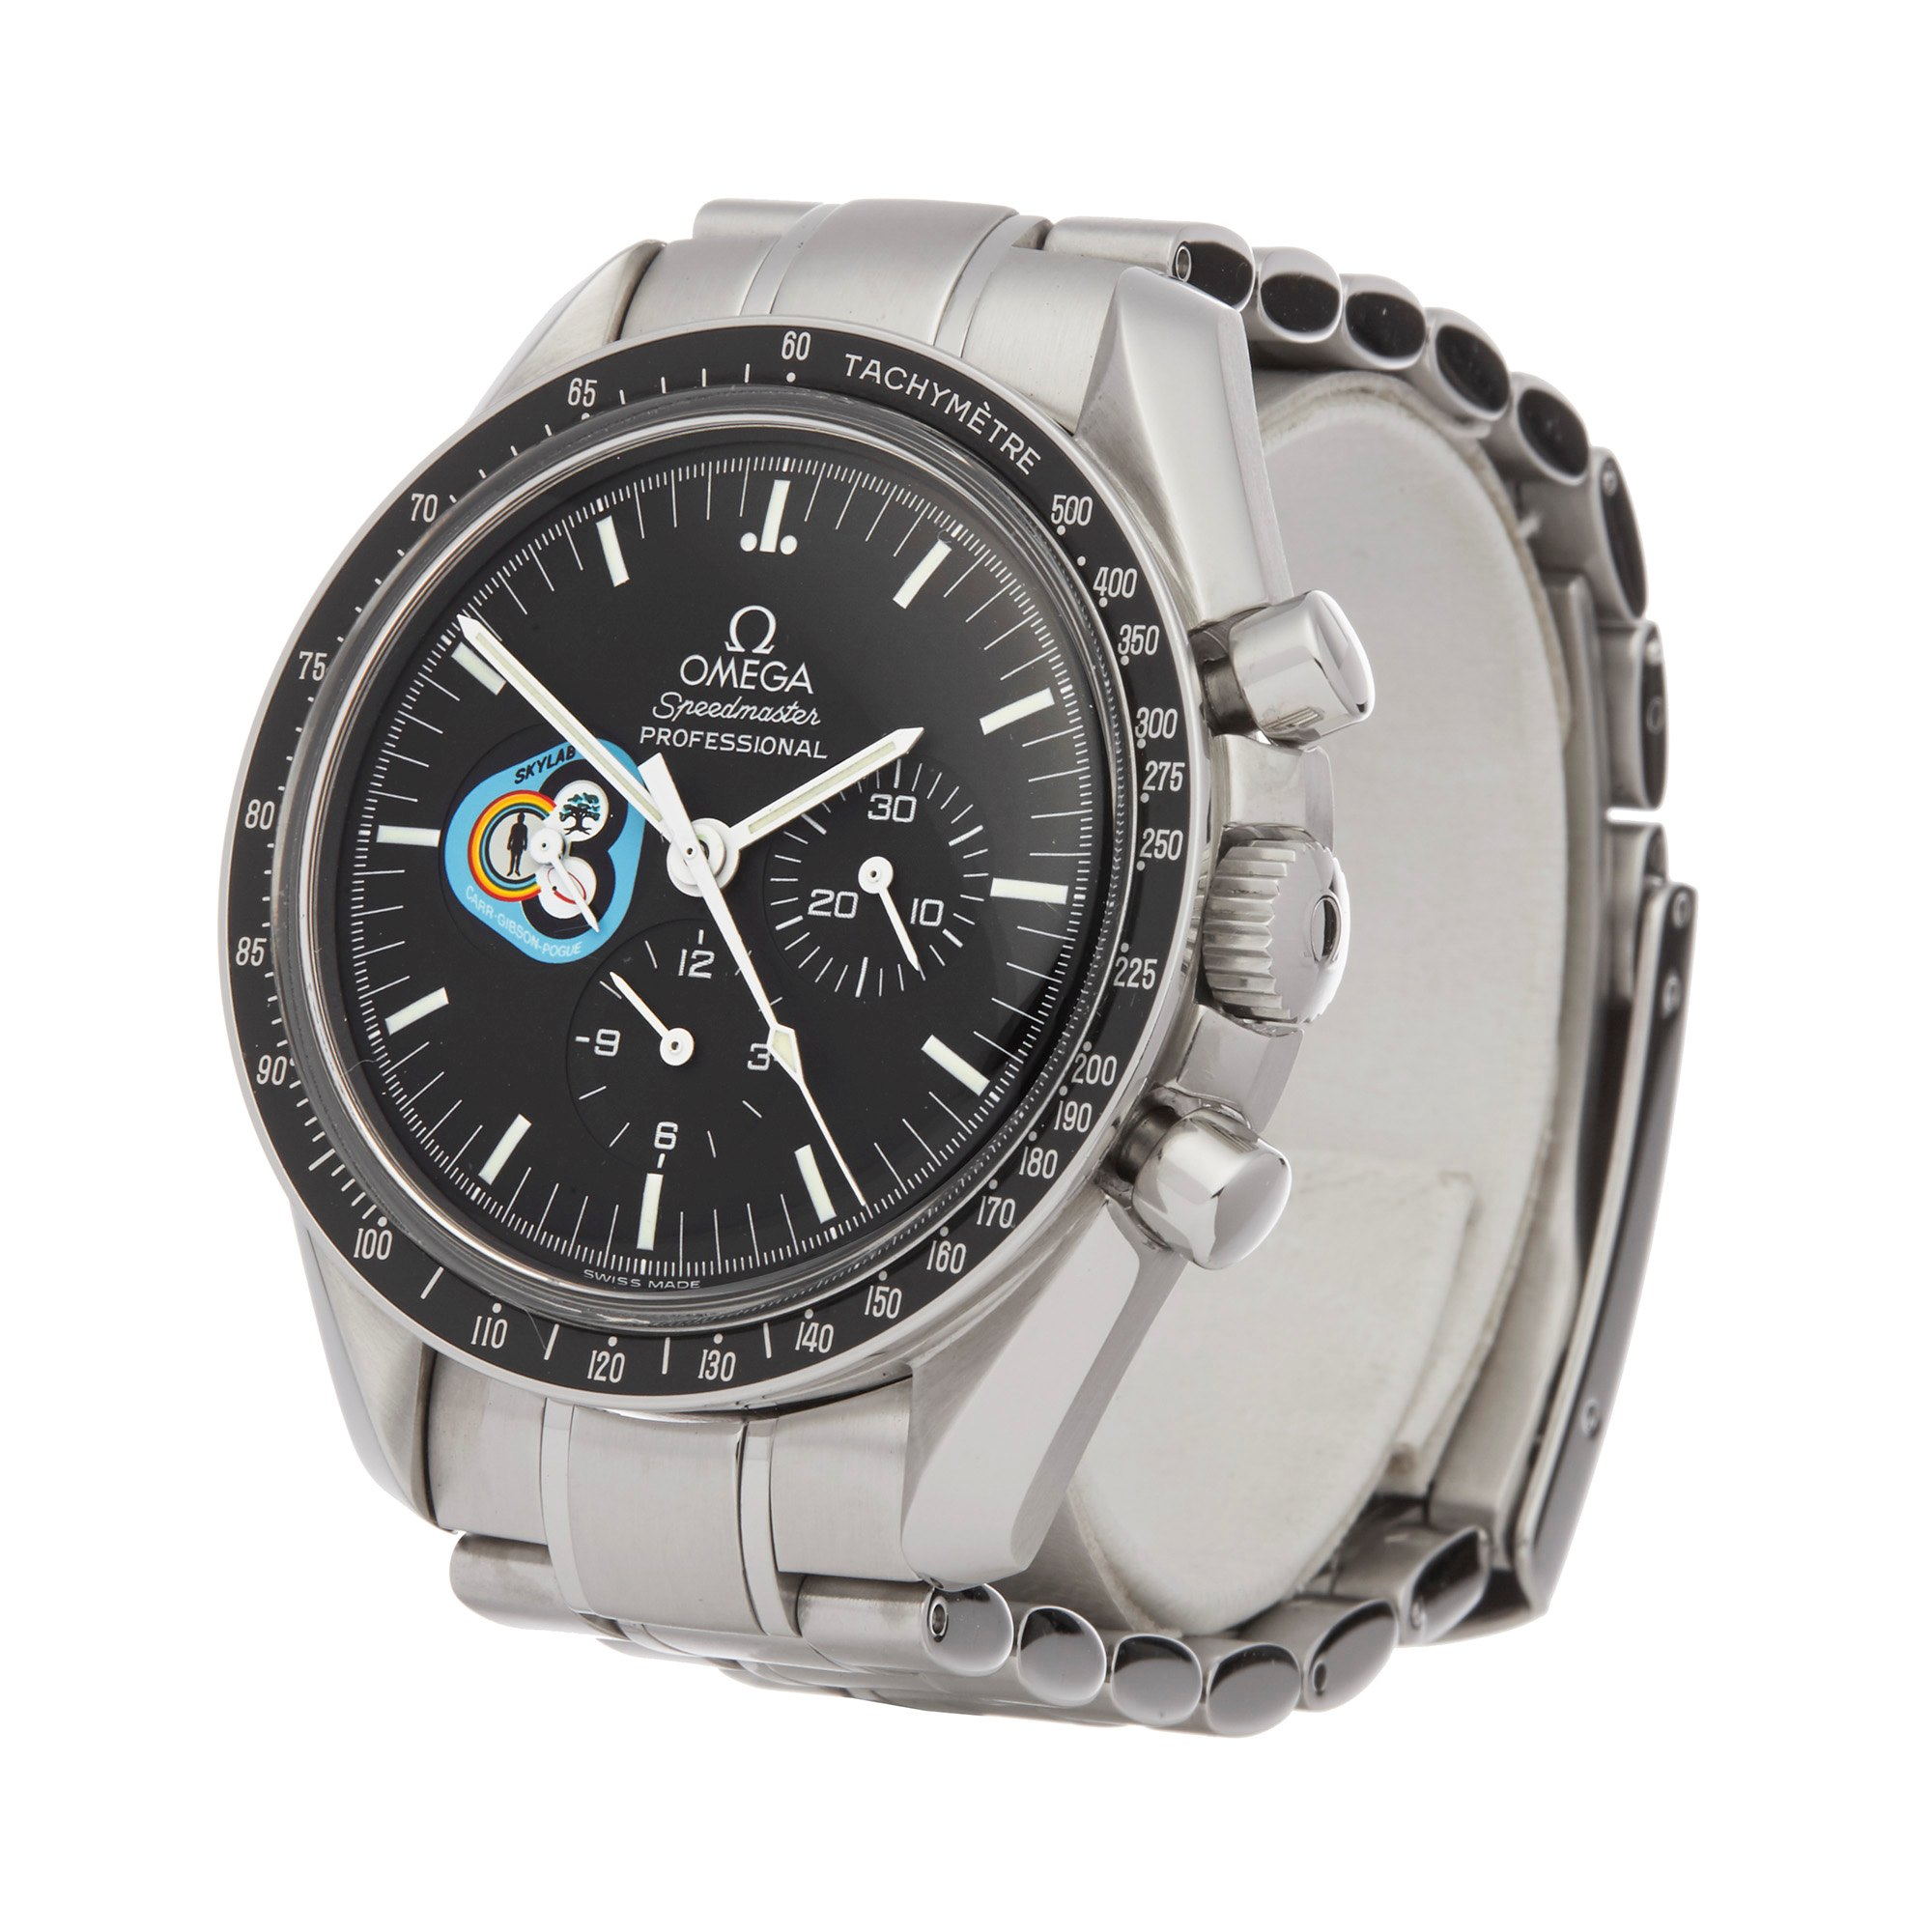 Omega Speedmaster Missions Skylab III Chronograph Stainless Steel - 345.0022 3597.23.00 Stainless Steel 345.0022 3597.23.00